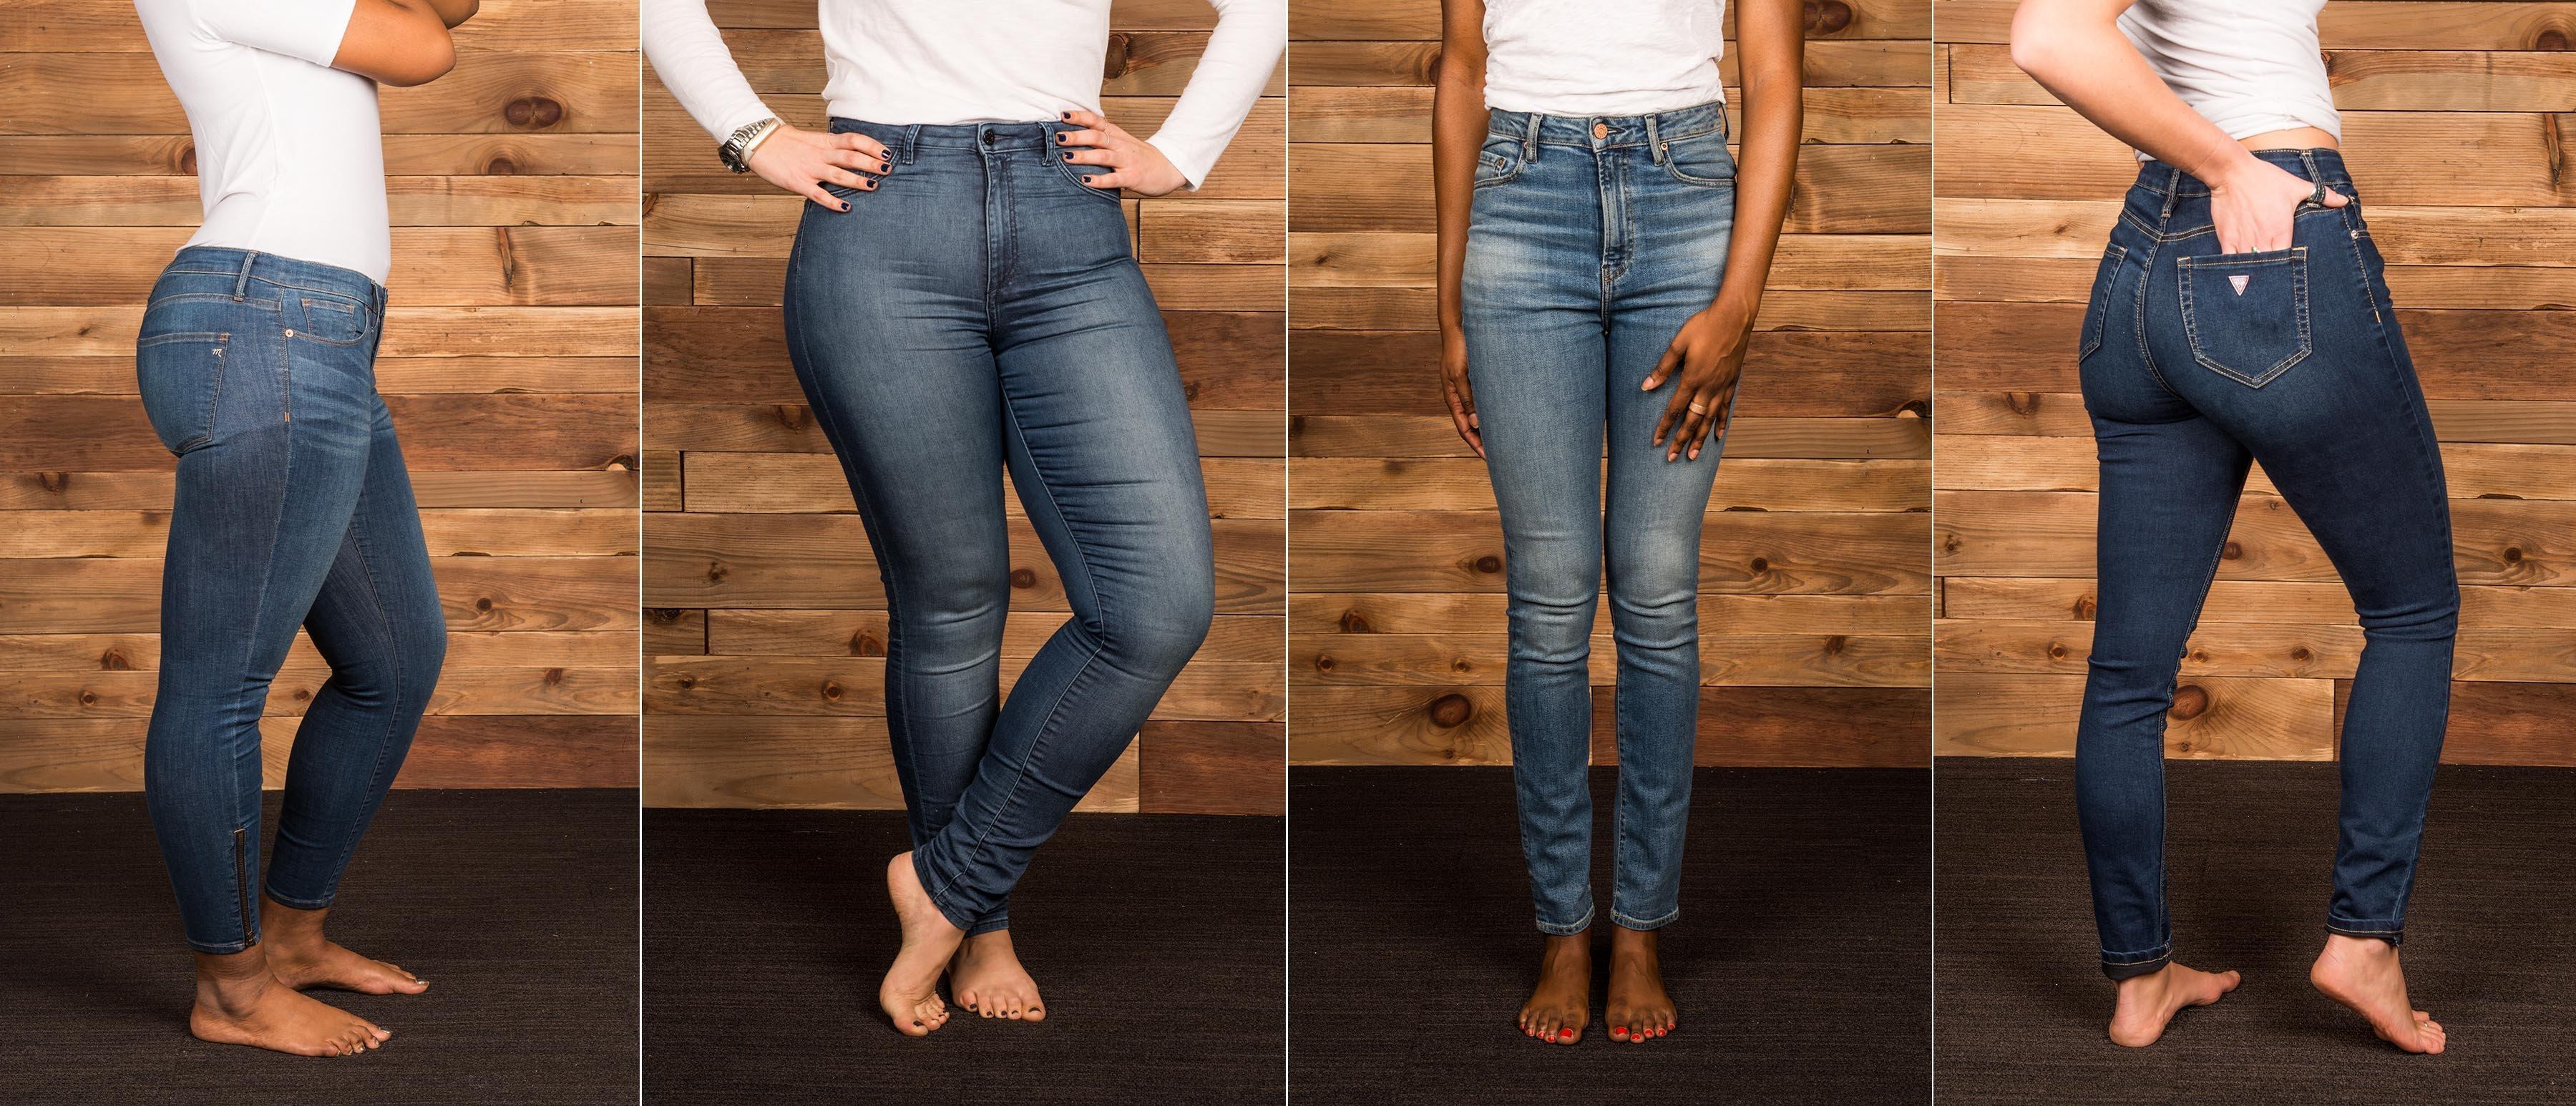 Black skinny leg pants not jeans